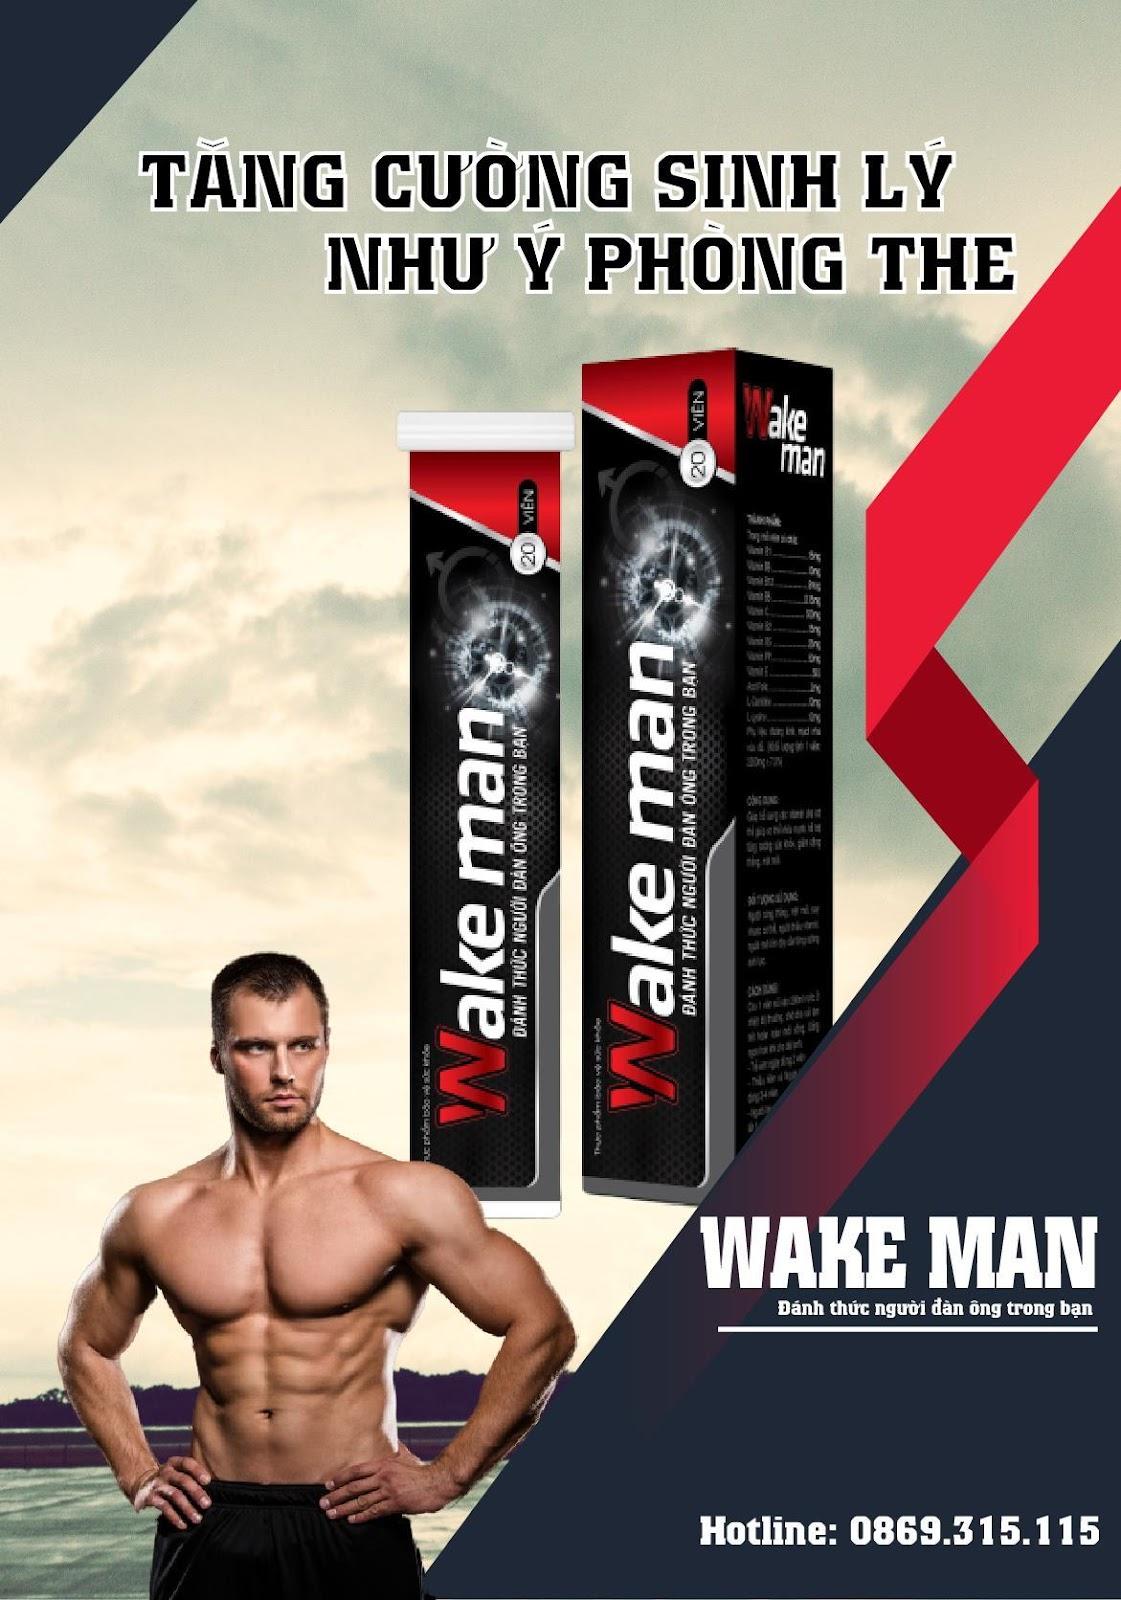 WAKE MAN – Tự hào là sản phẩm mang nhãn hiệu xuất sắc Đất Việt năm 2020 - Ảnh 5